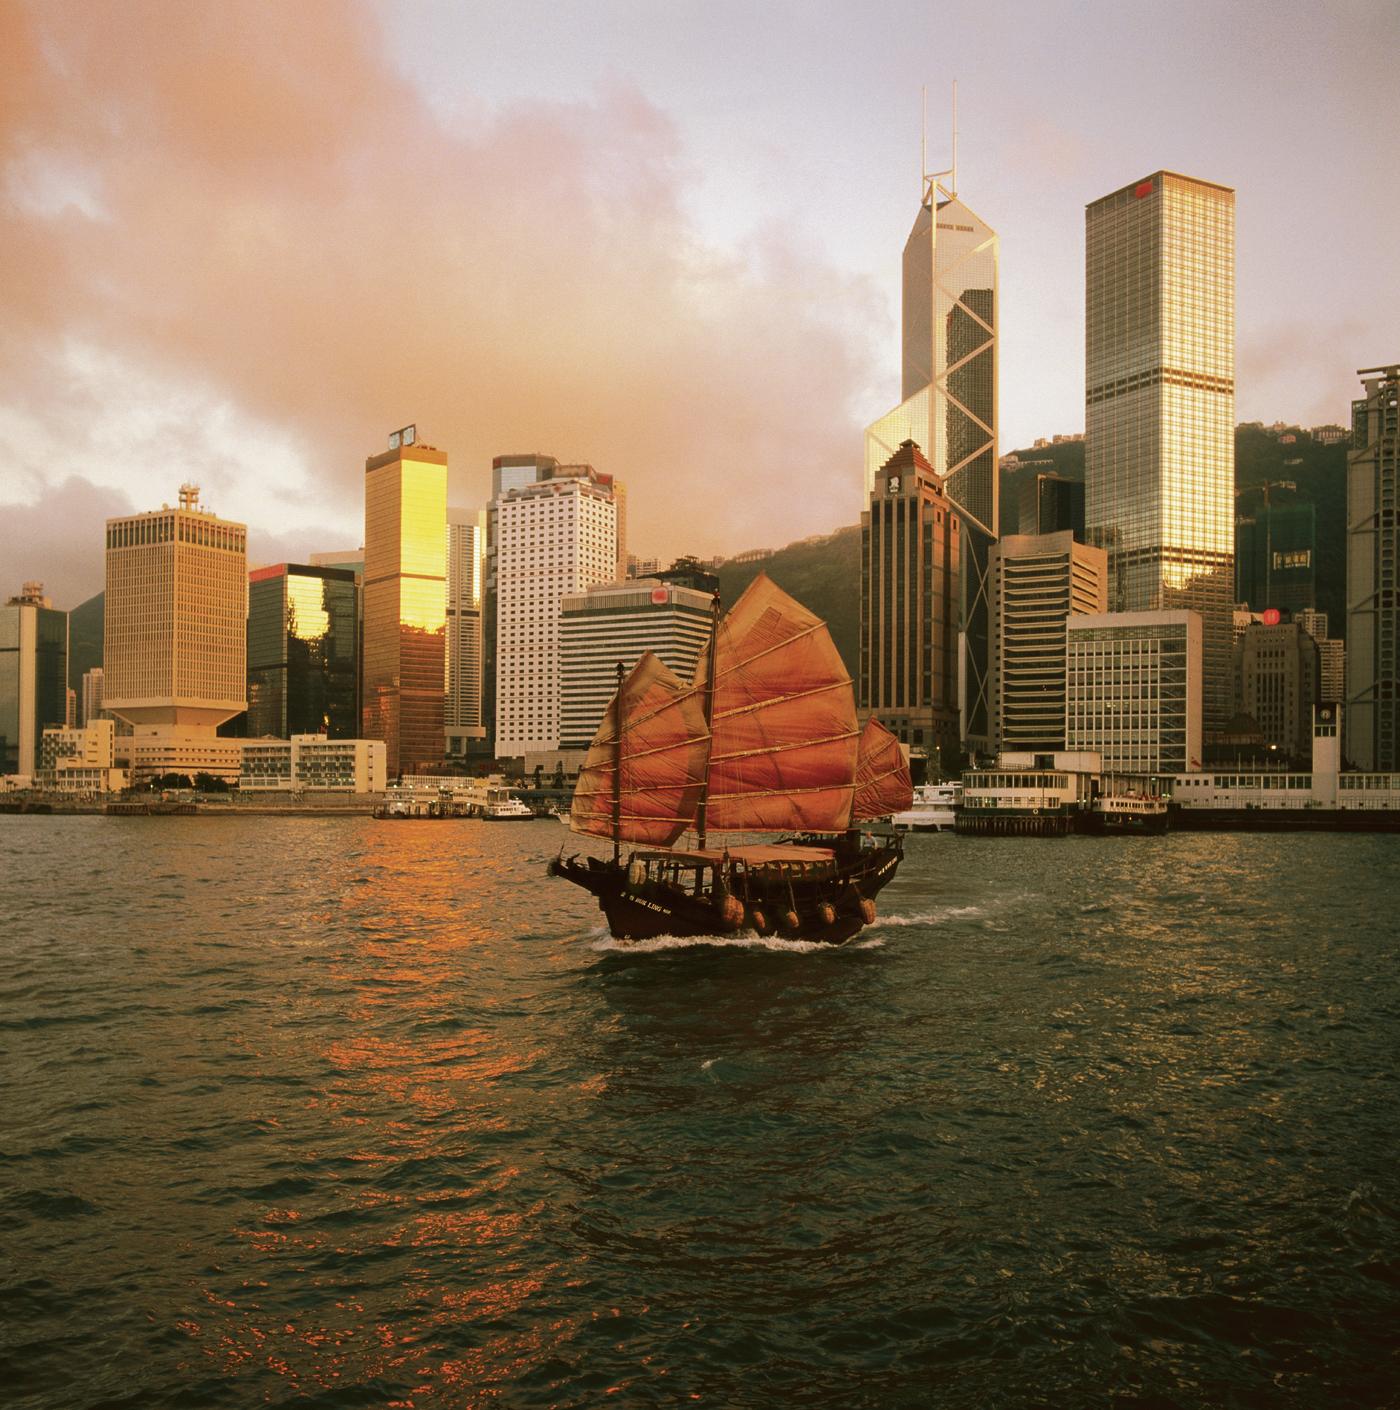 Hong Kong: Travel & Adventures: Hong Kong ( 香港 ). A Voyage To Hong